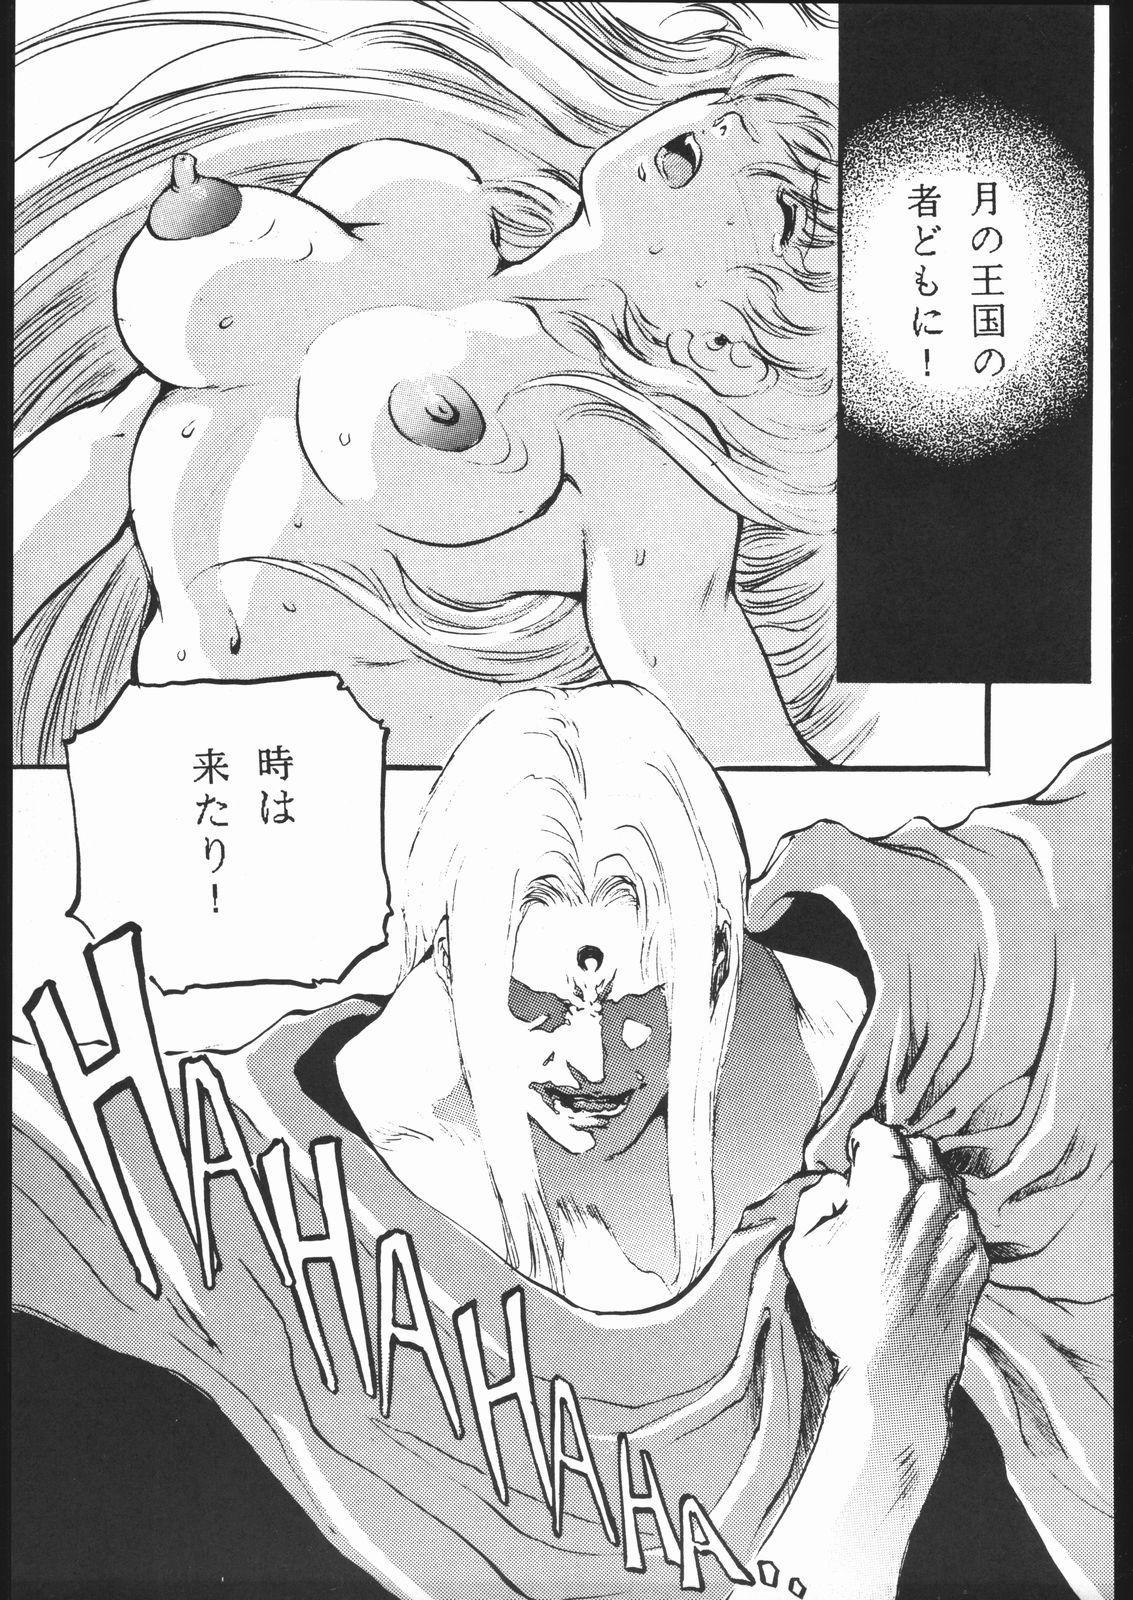 KATZE 8 17